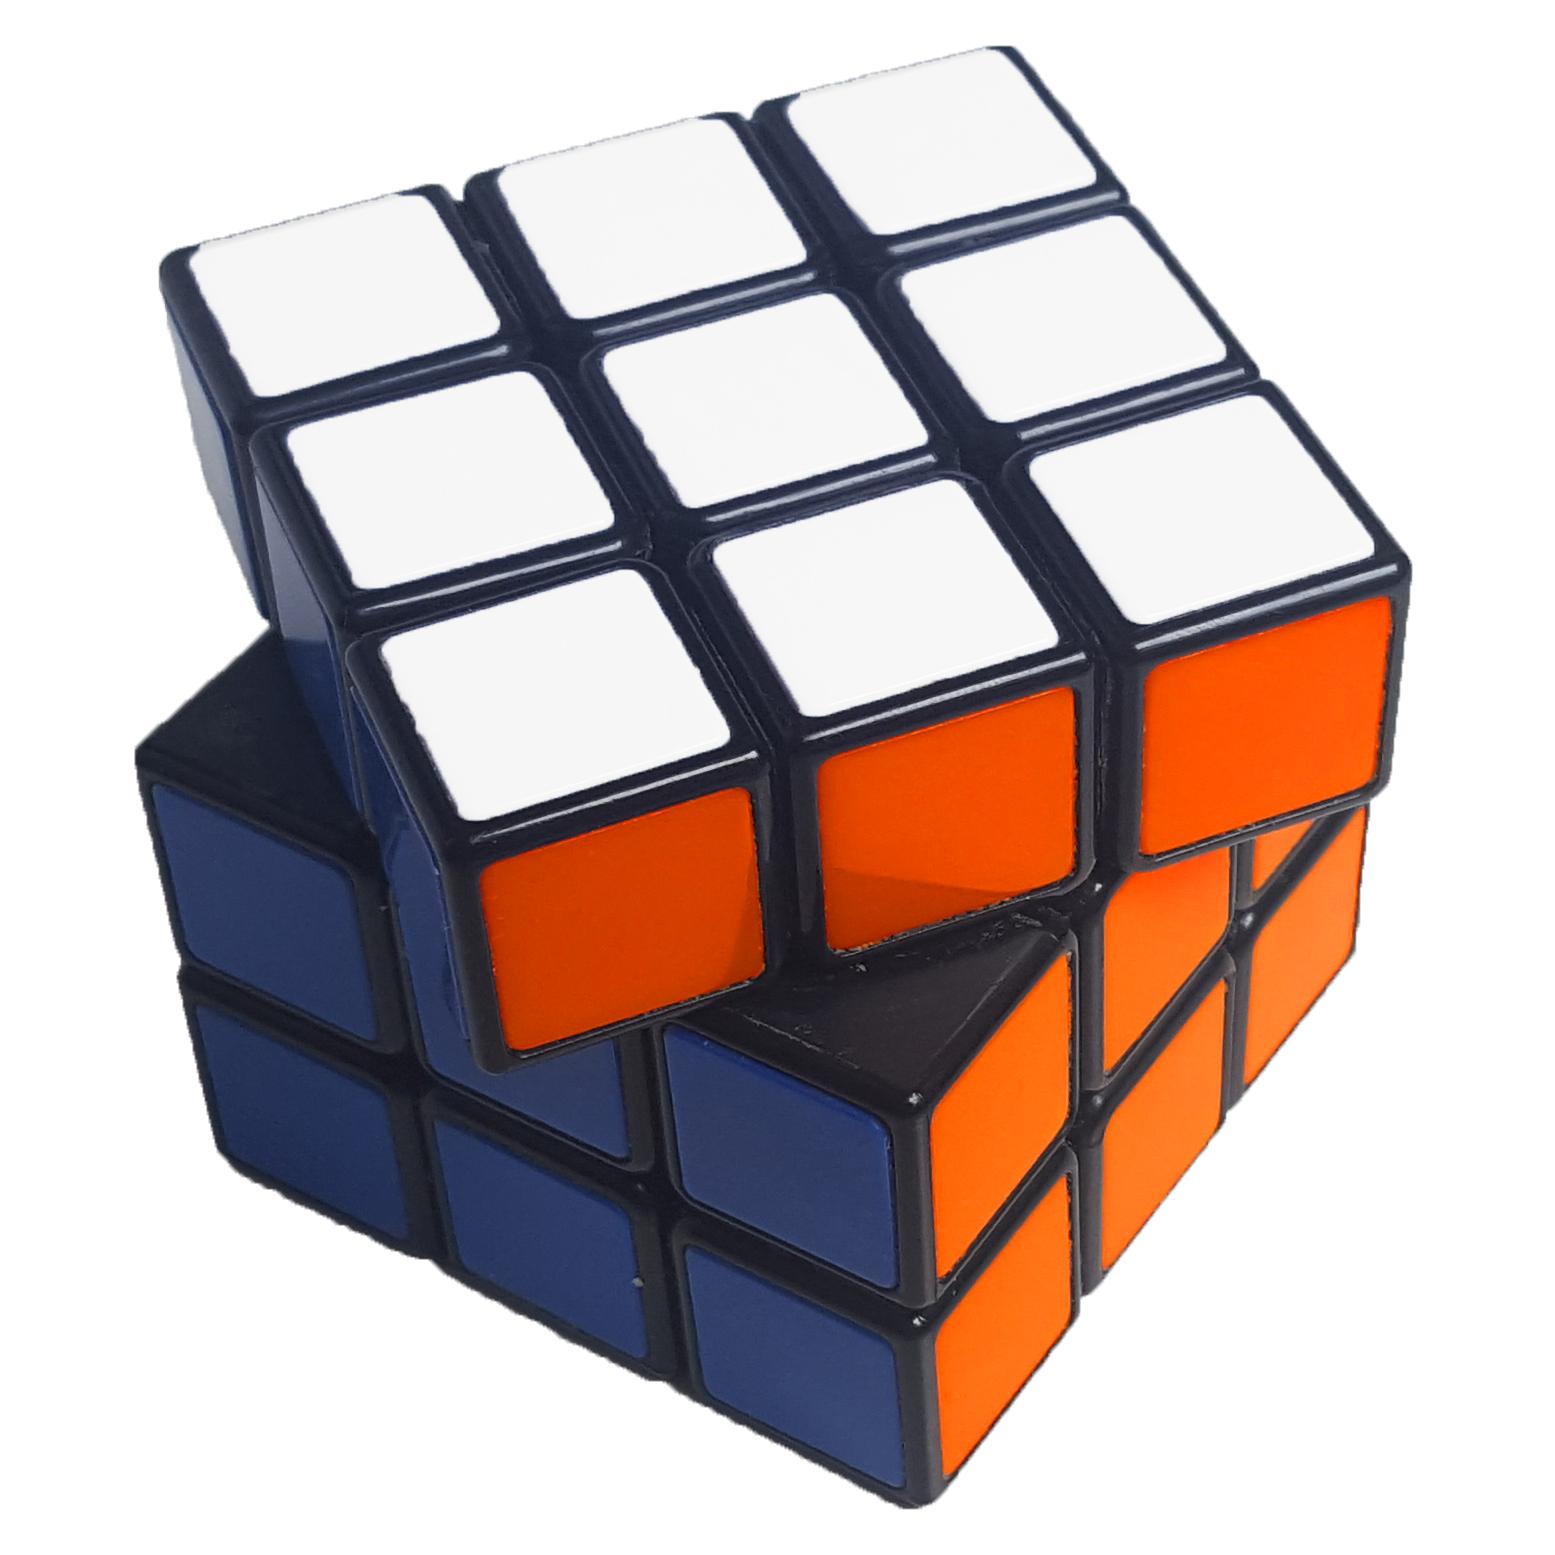 rubik's cube gedreht